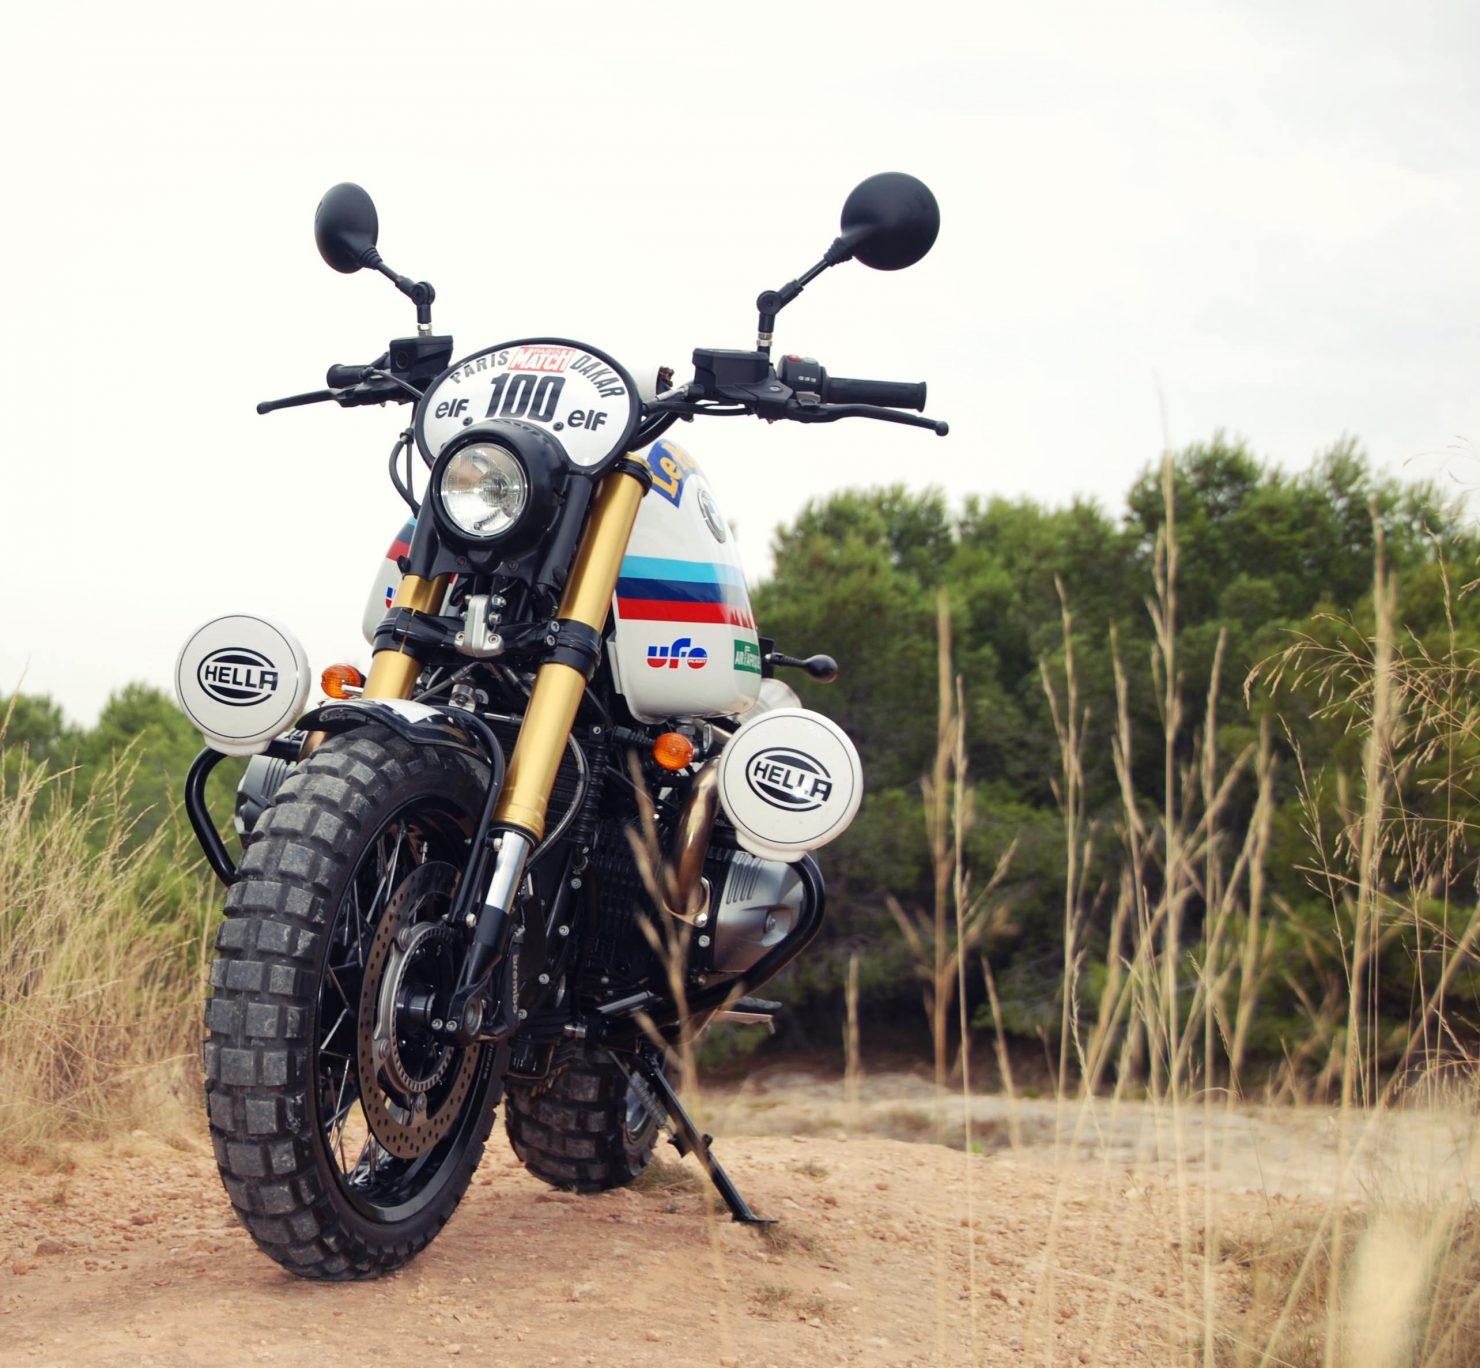 BMW R Nine T Custom Motorbike 15 1480x1368 - XTR Pepo BMW R nineT Paris Dakar